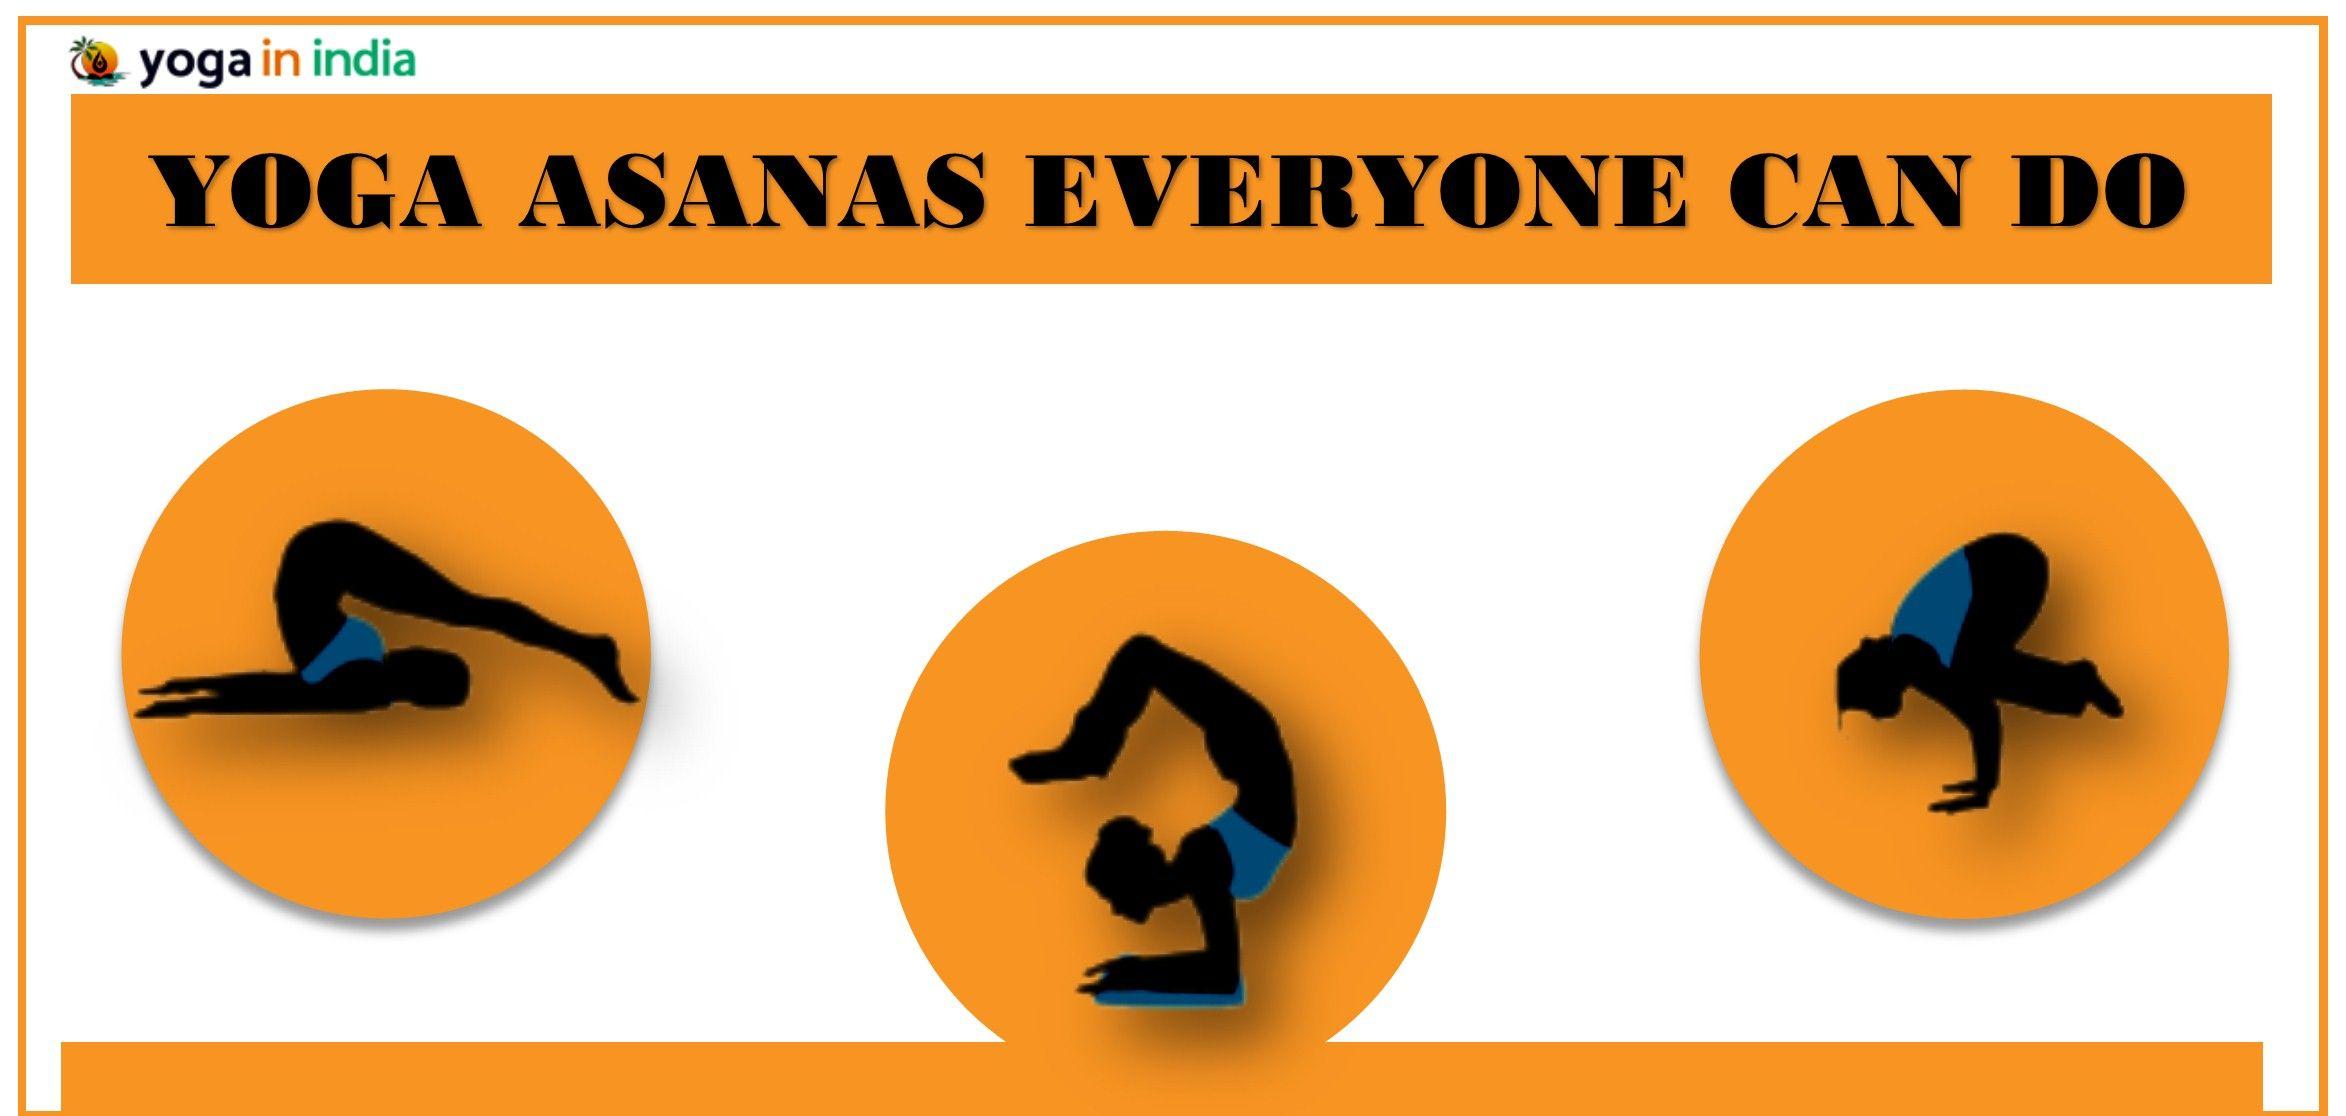 Yoga asanas everyone can do